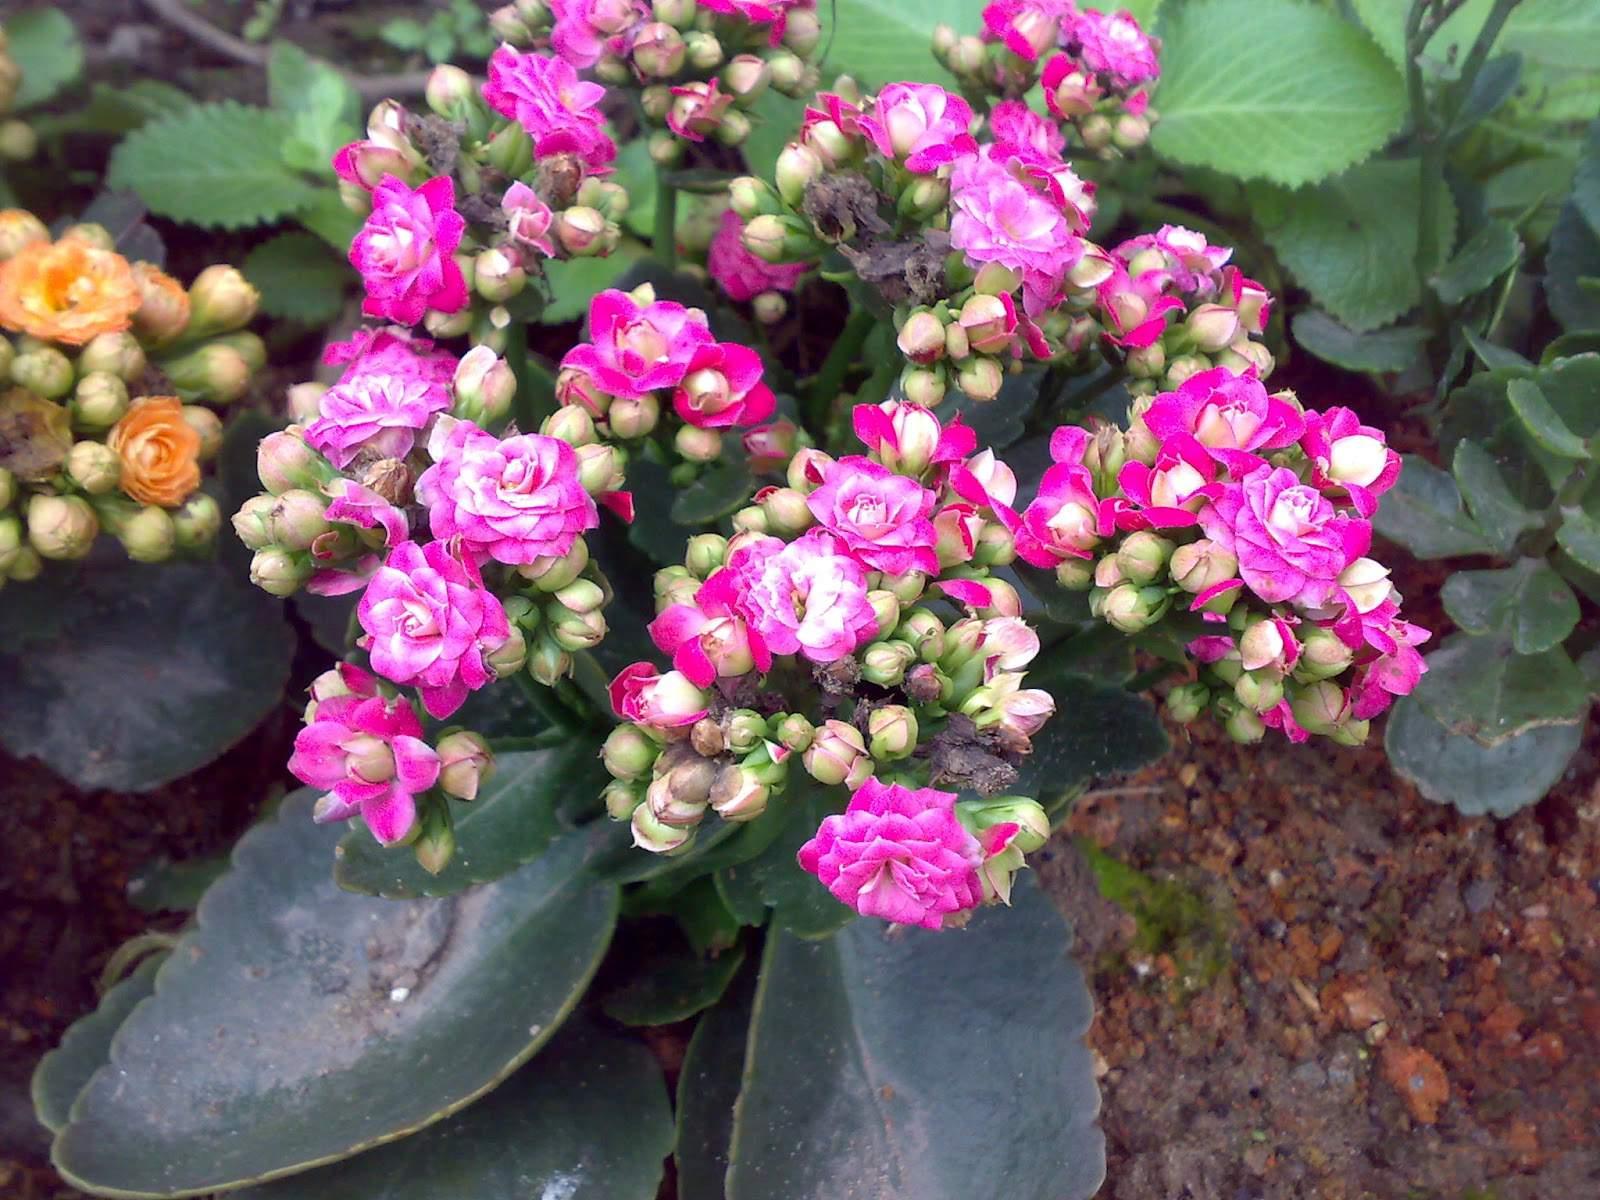 thiết kế chung cư mini  đẹp màu hoa rực rỡ